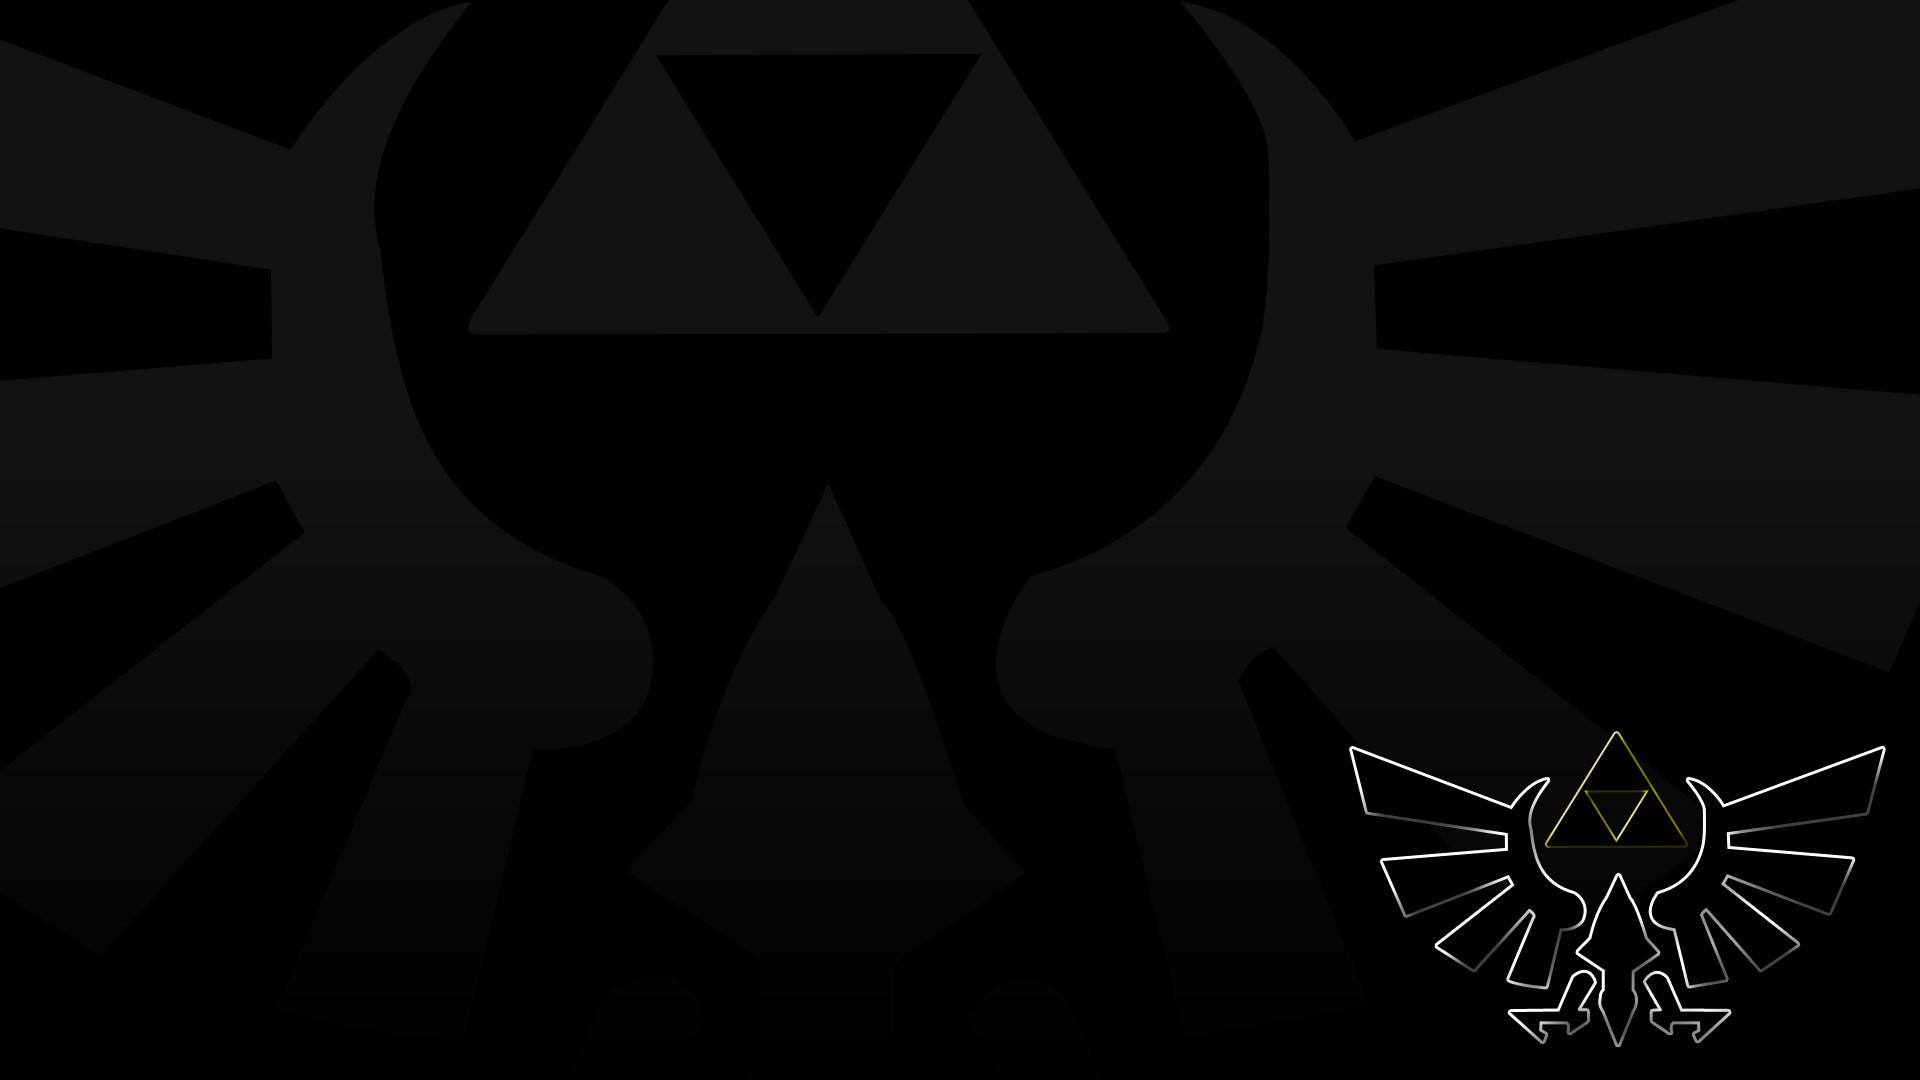 Video Game – The Legend Of Zelda Wallpaper